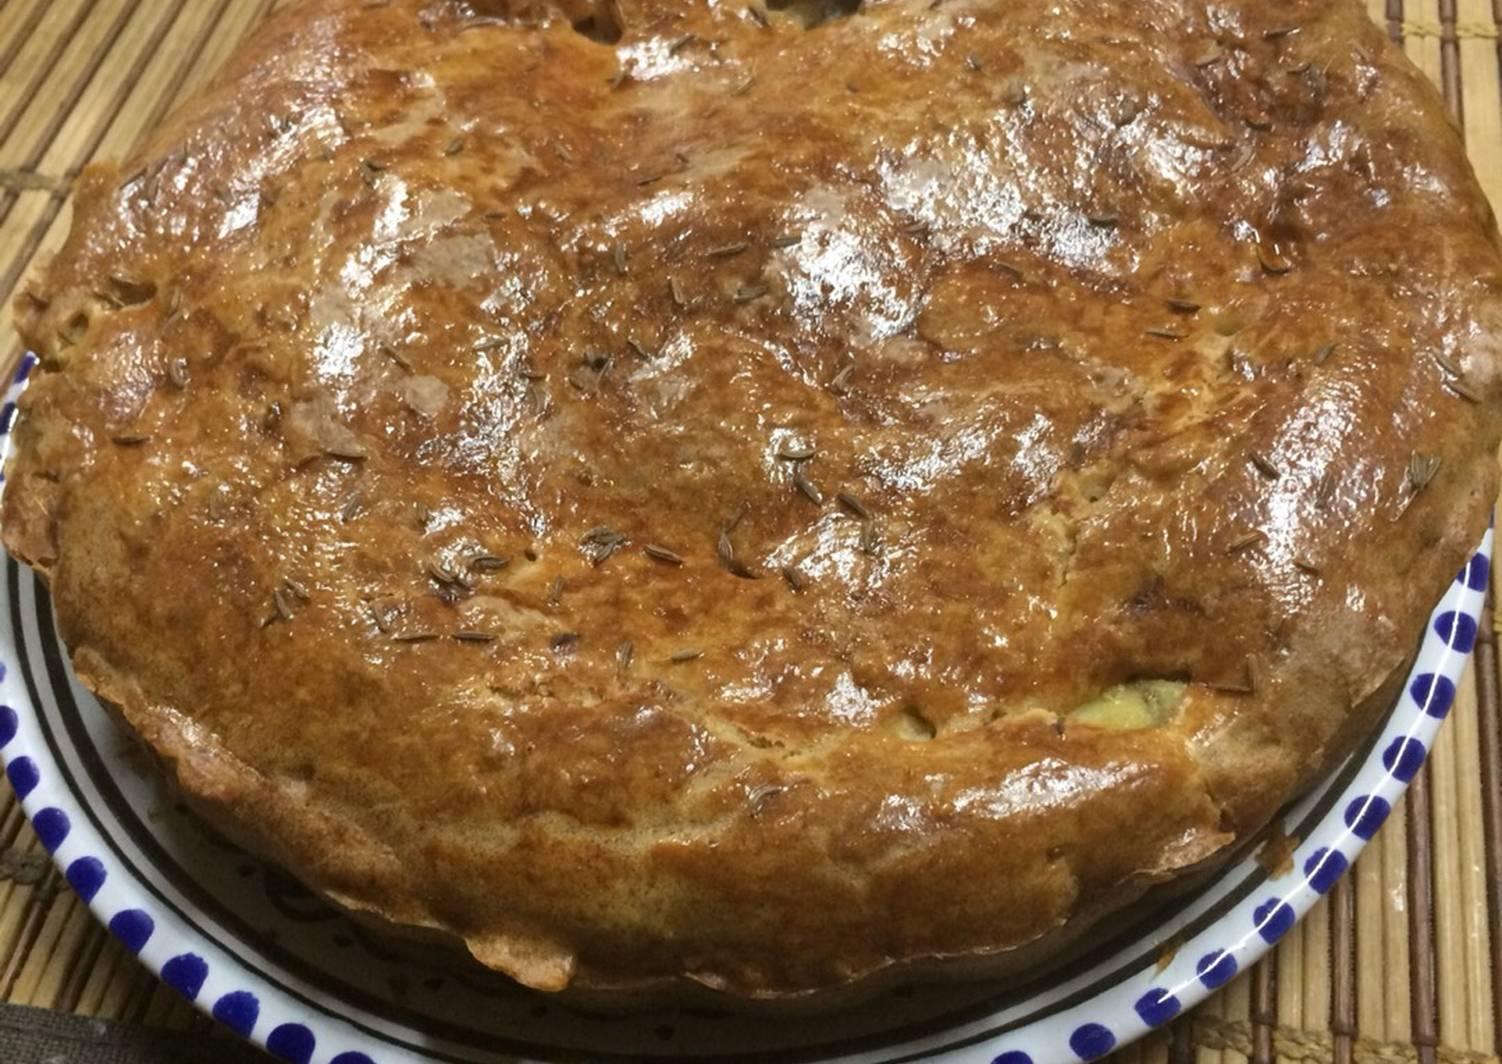 задачей пирог на майонезе сладкий рецепт с фото наш разговор некоторых